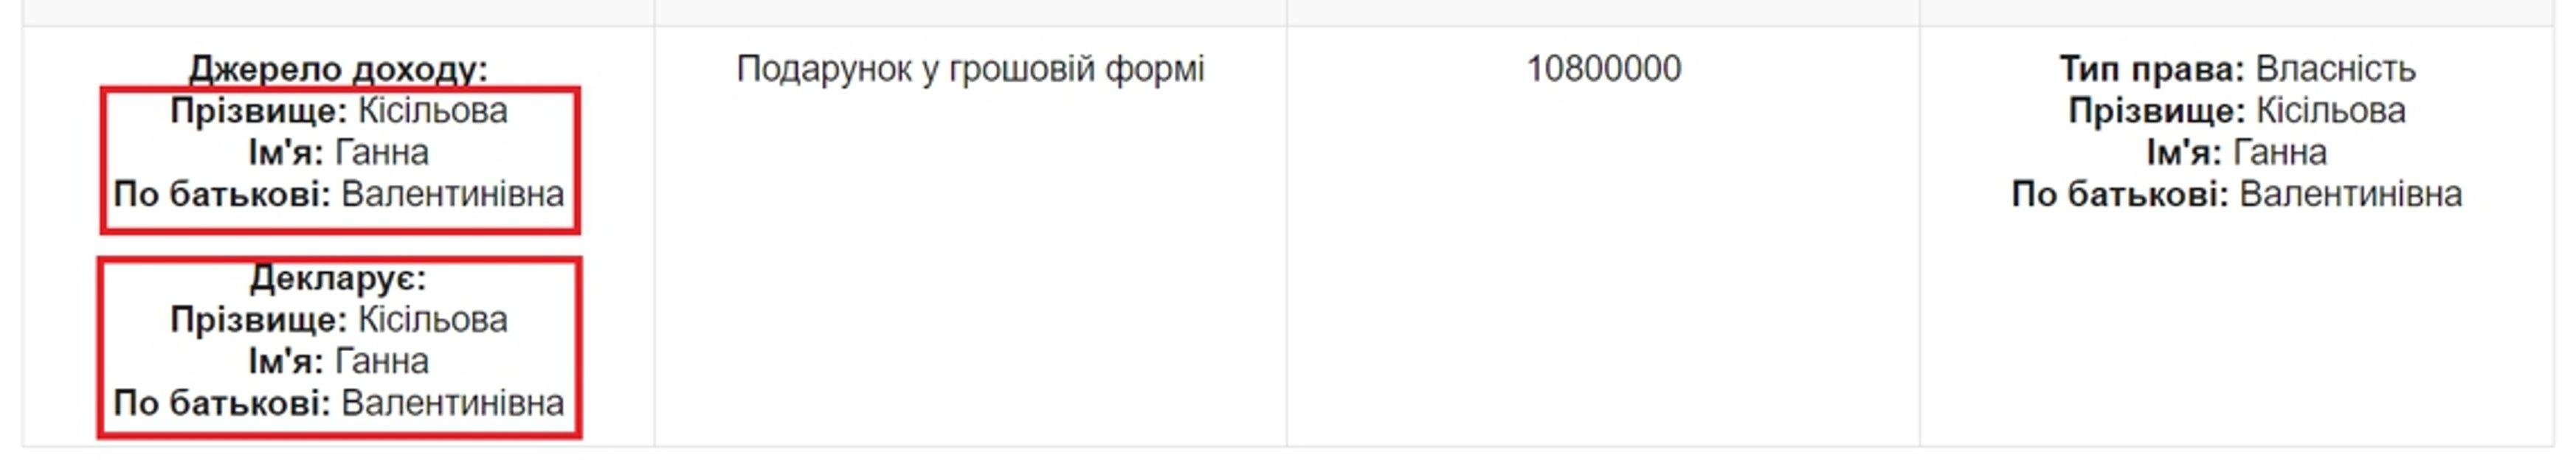 Сотрудница администрации президента подарила себе 10,8 миллиона и купила квартиру в Киеве - фото 58678